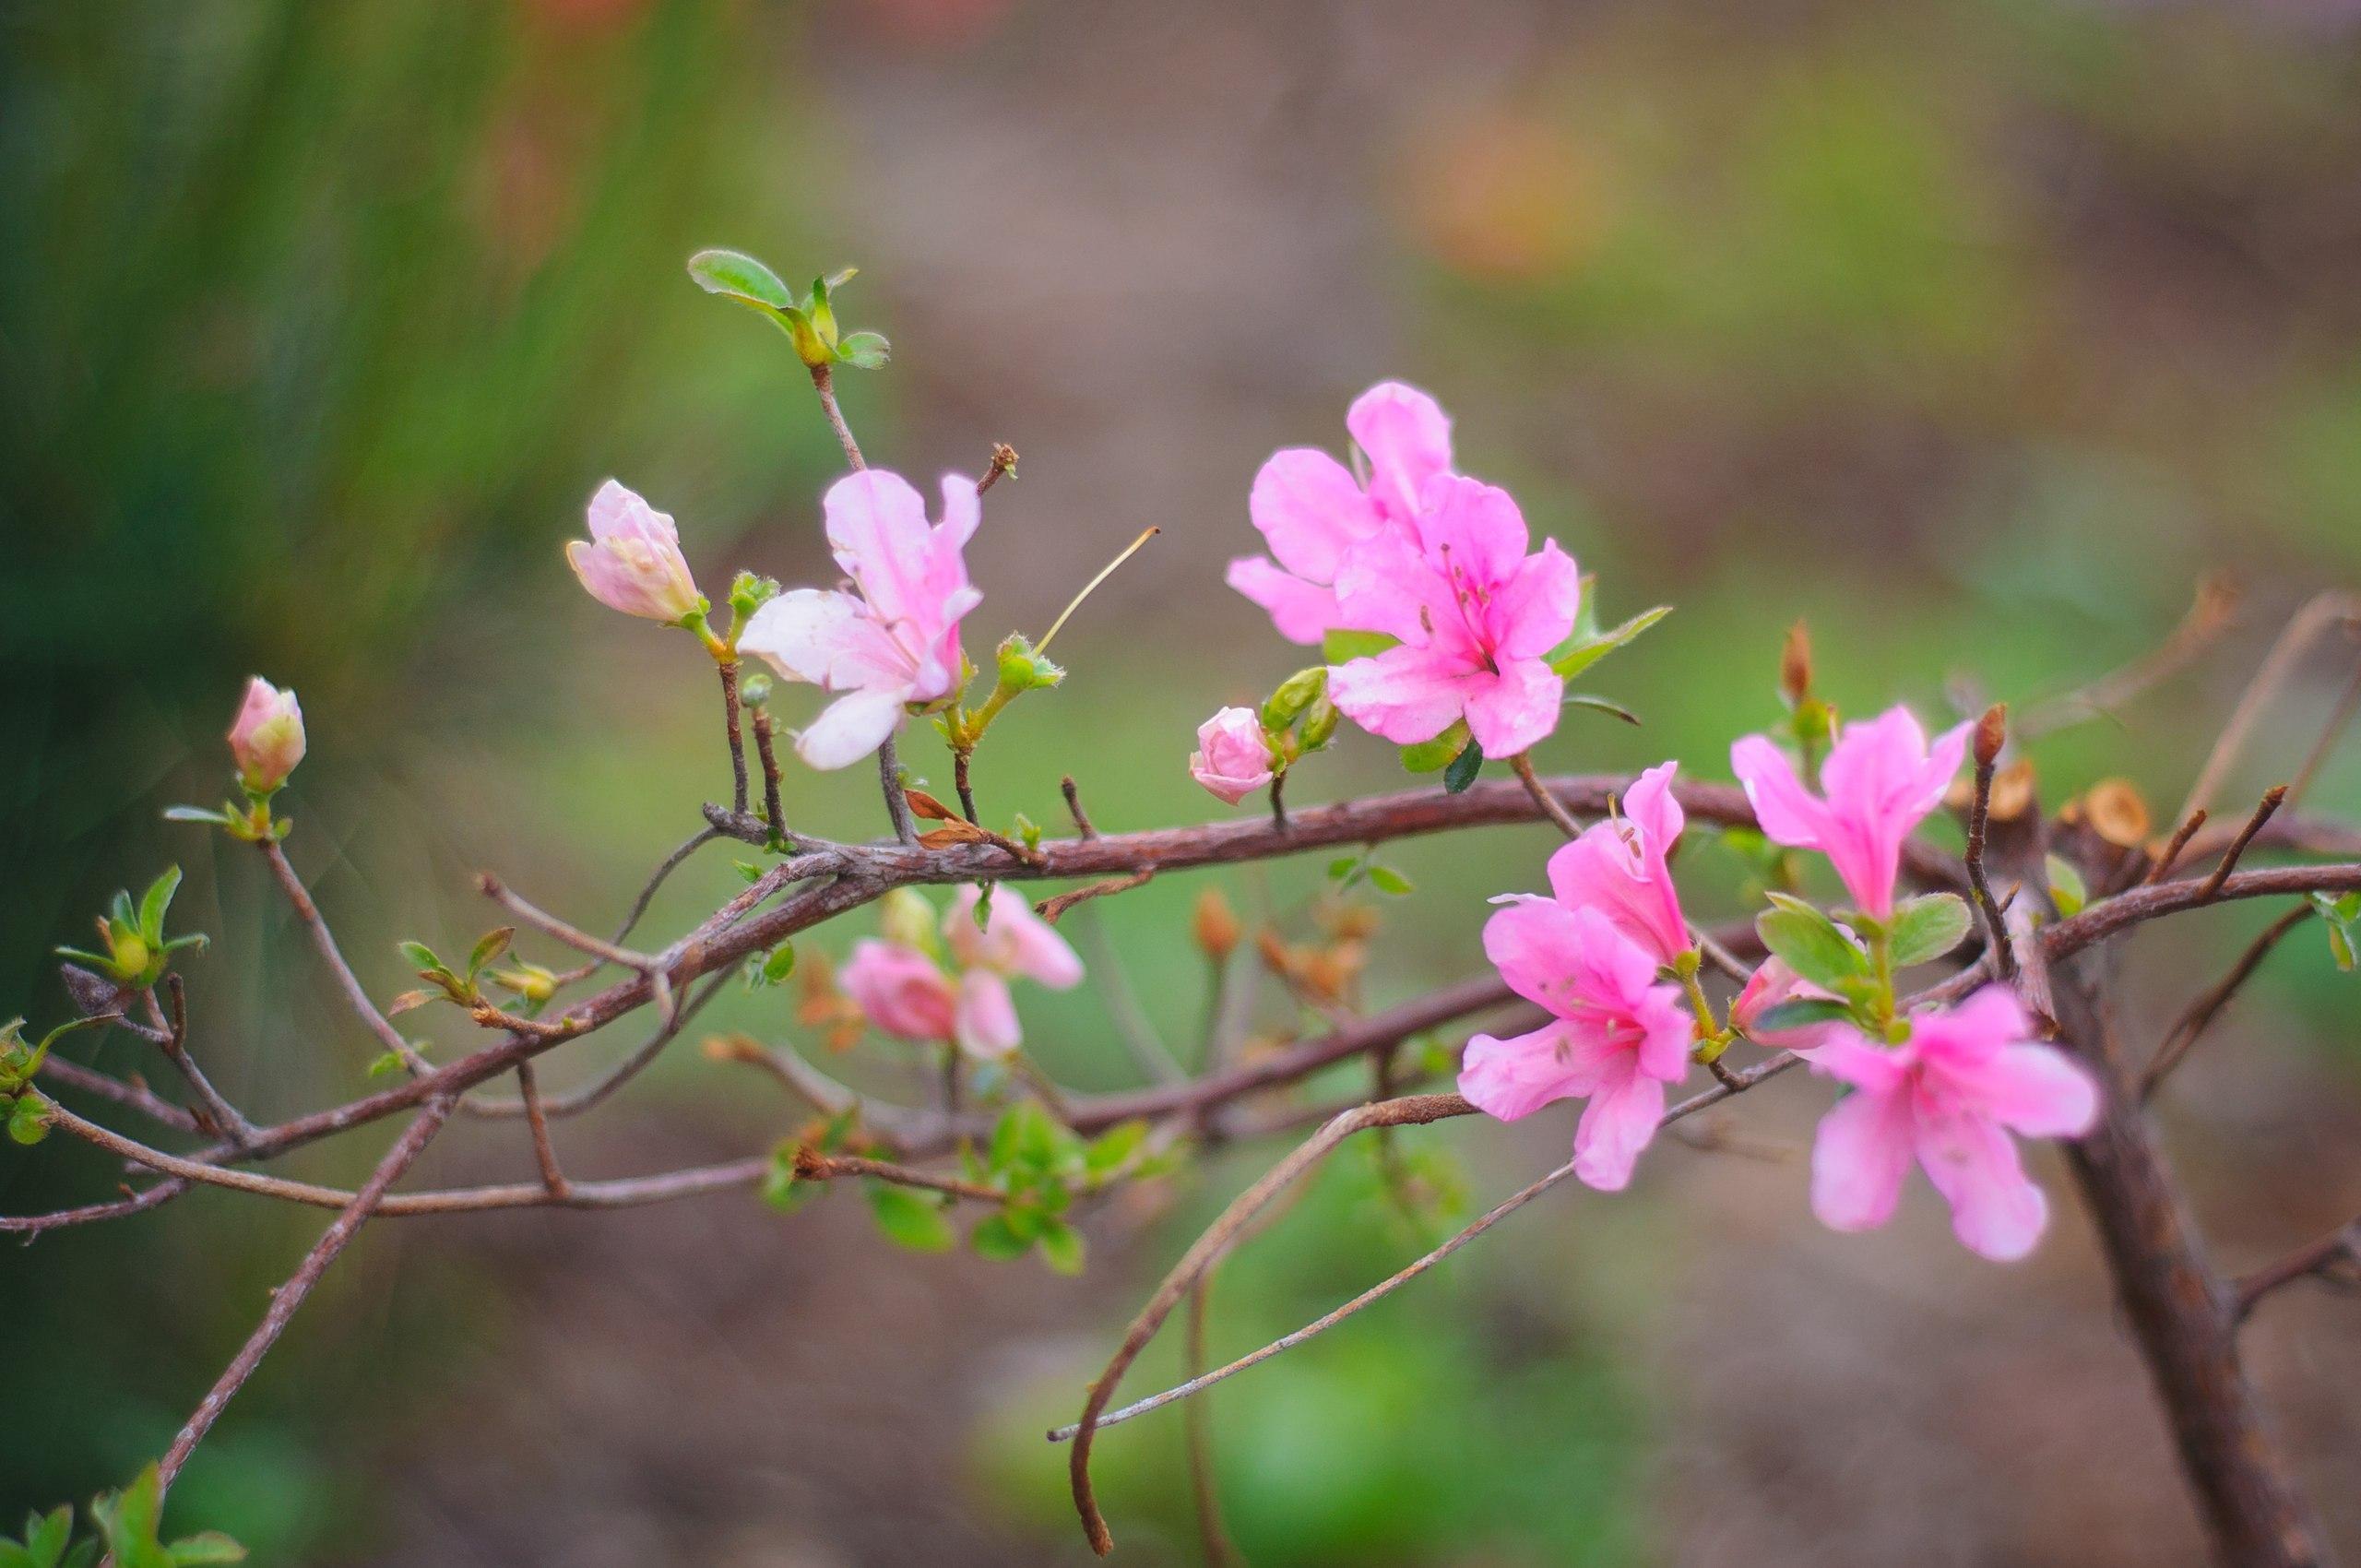 18314 скачать обои Растения, Цветы - заставки и картинки бесплатно